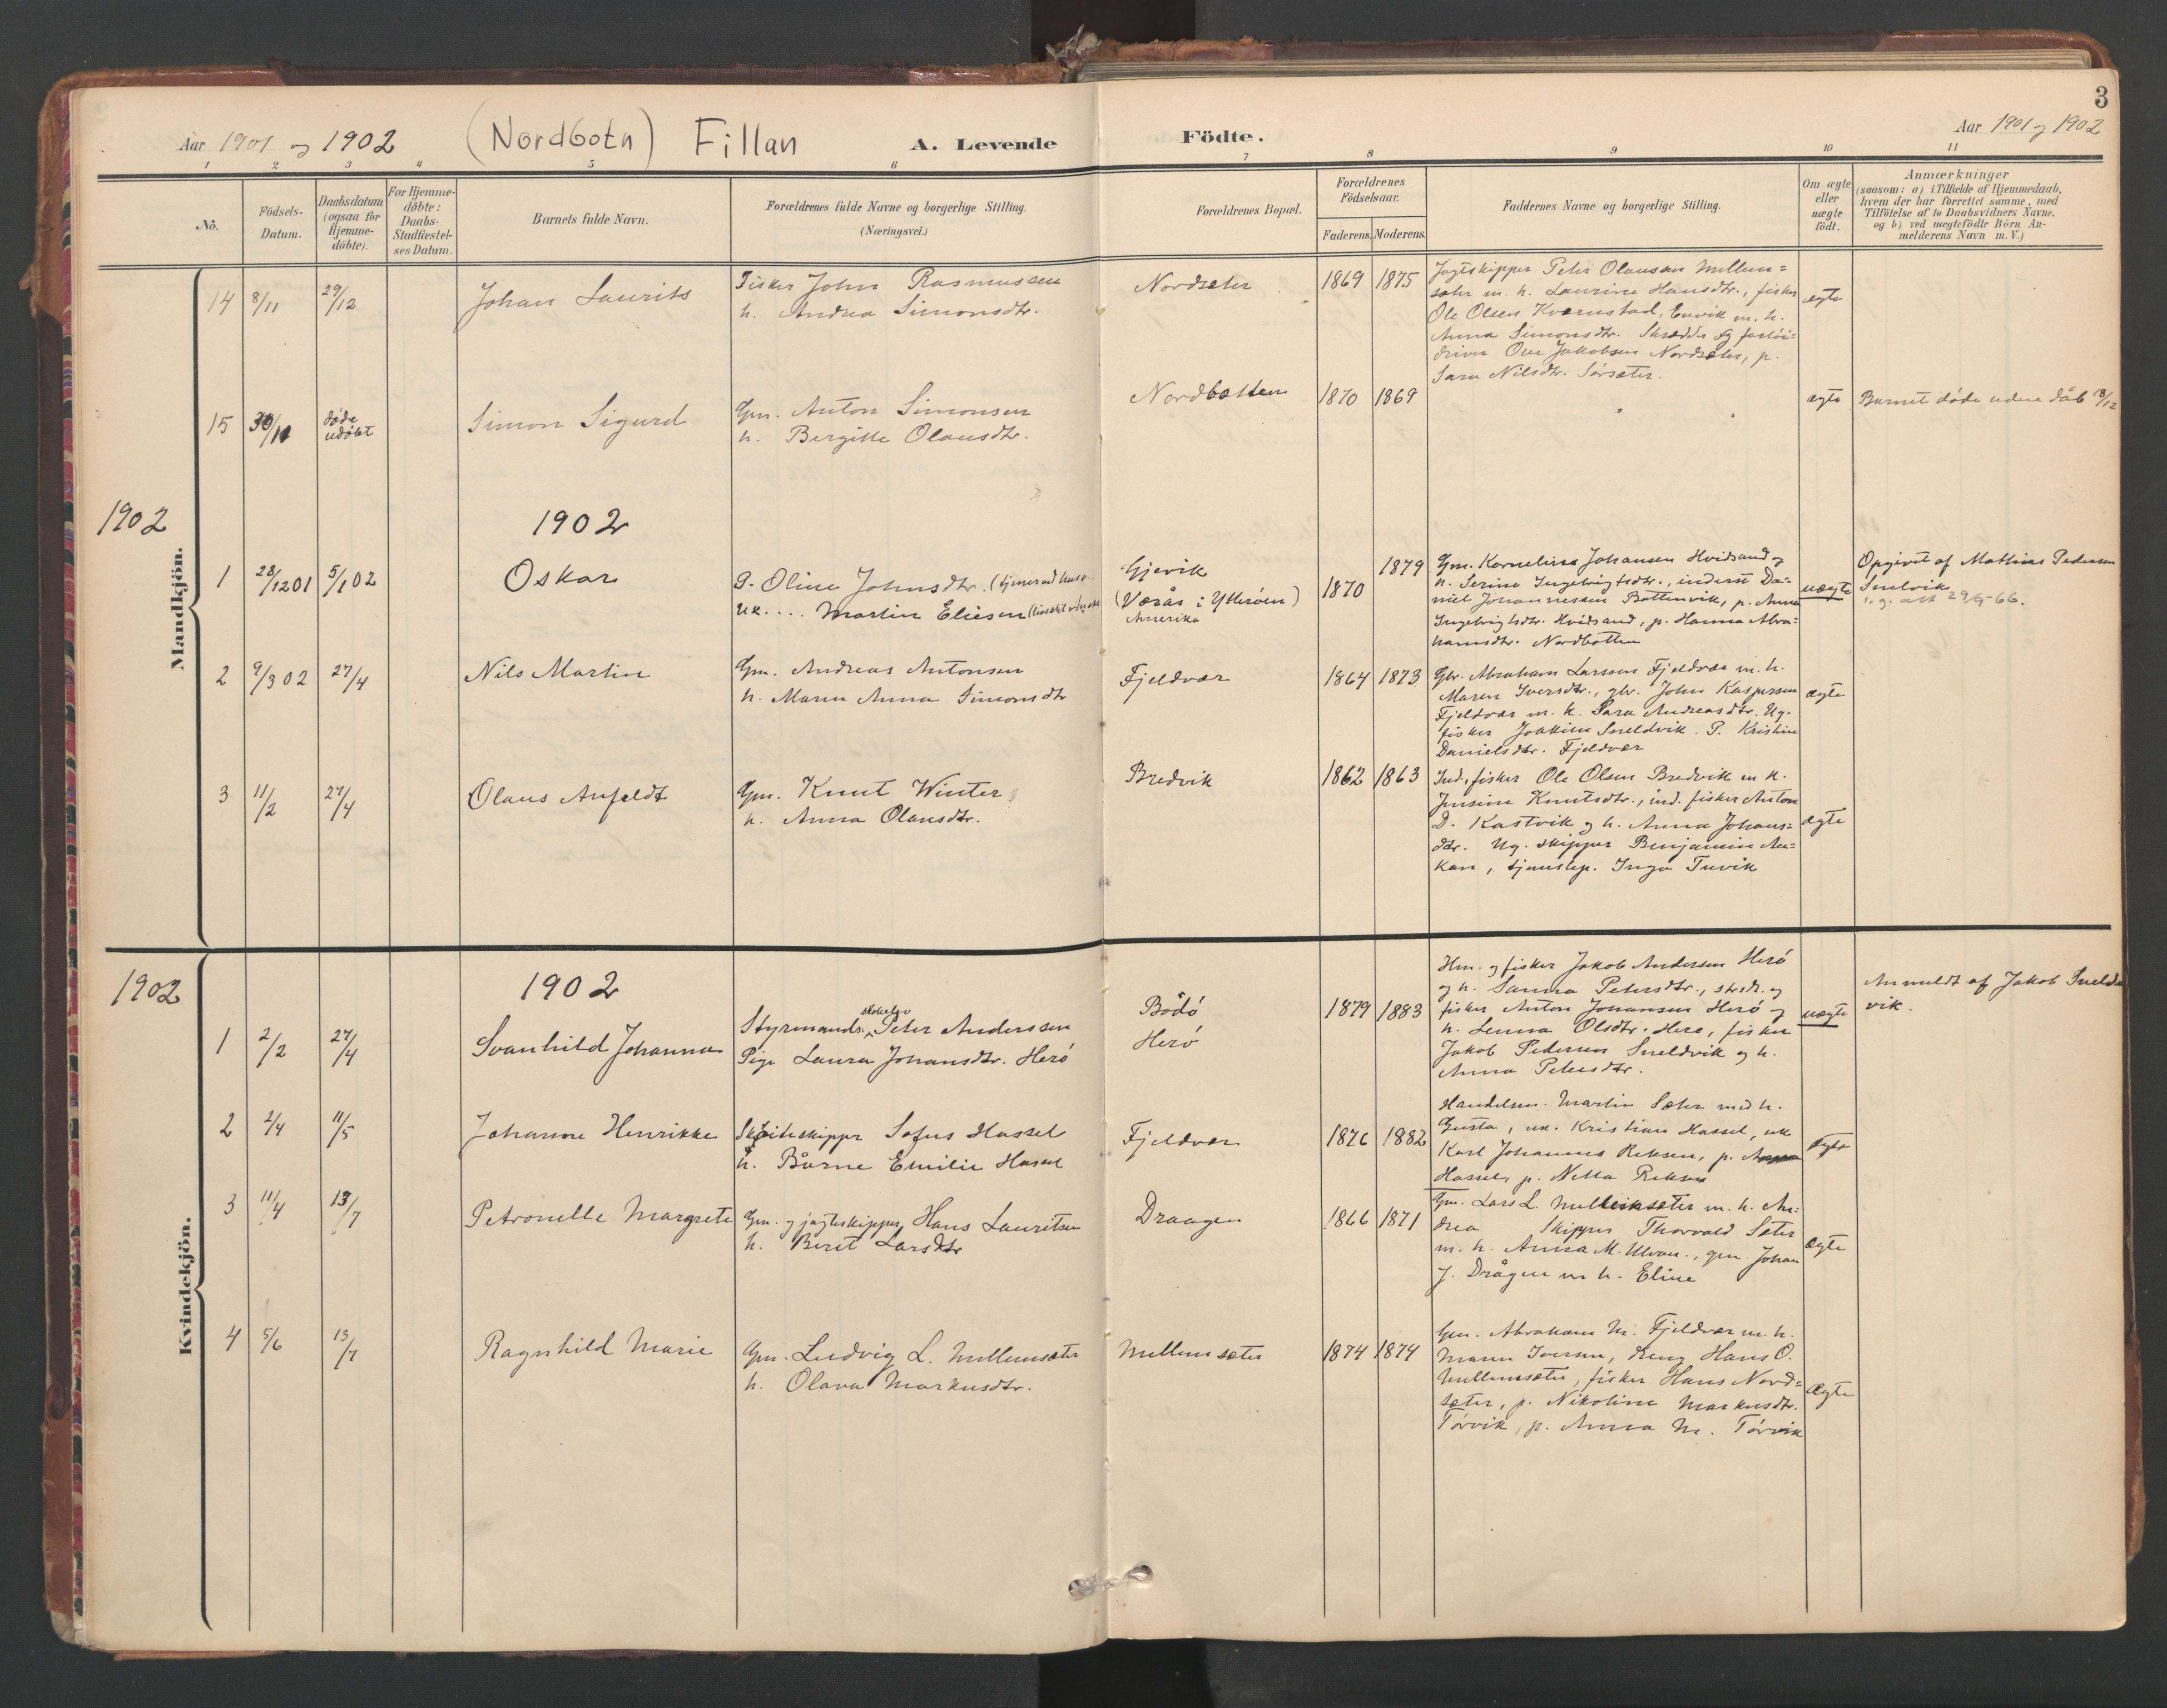 SAT, Ministerialprotokoller, klokkerbøker og fødselsregistre - Sør-Trøndelag, 638/L0568: Ministerialbok nr. 638A01, 1901-1916, s. 3